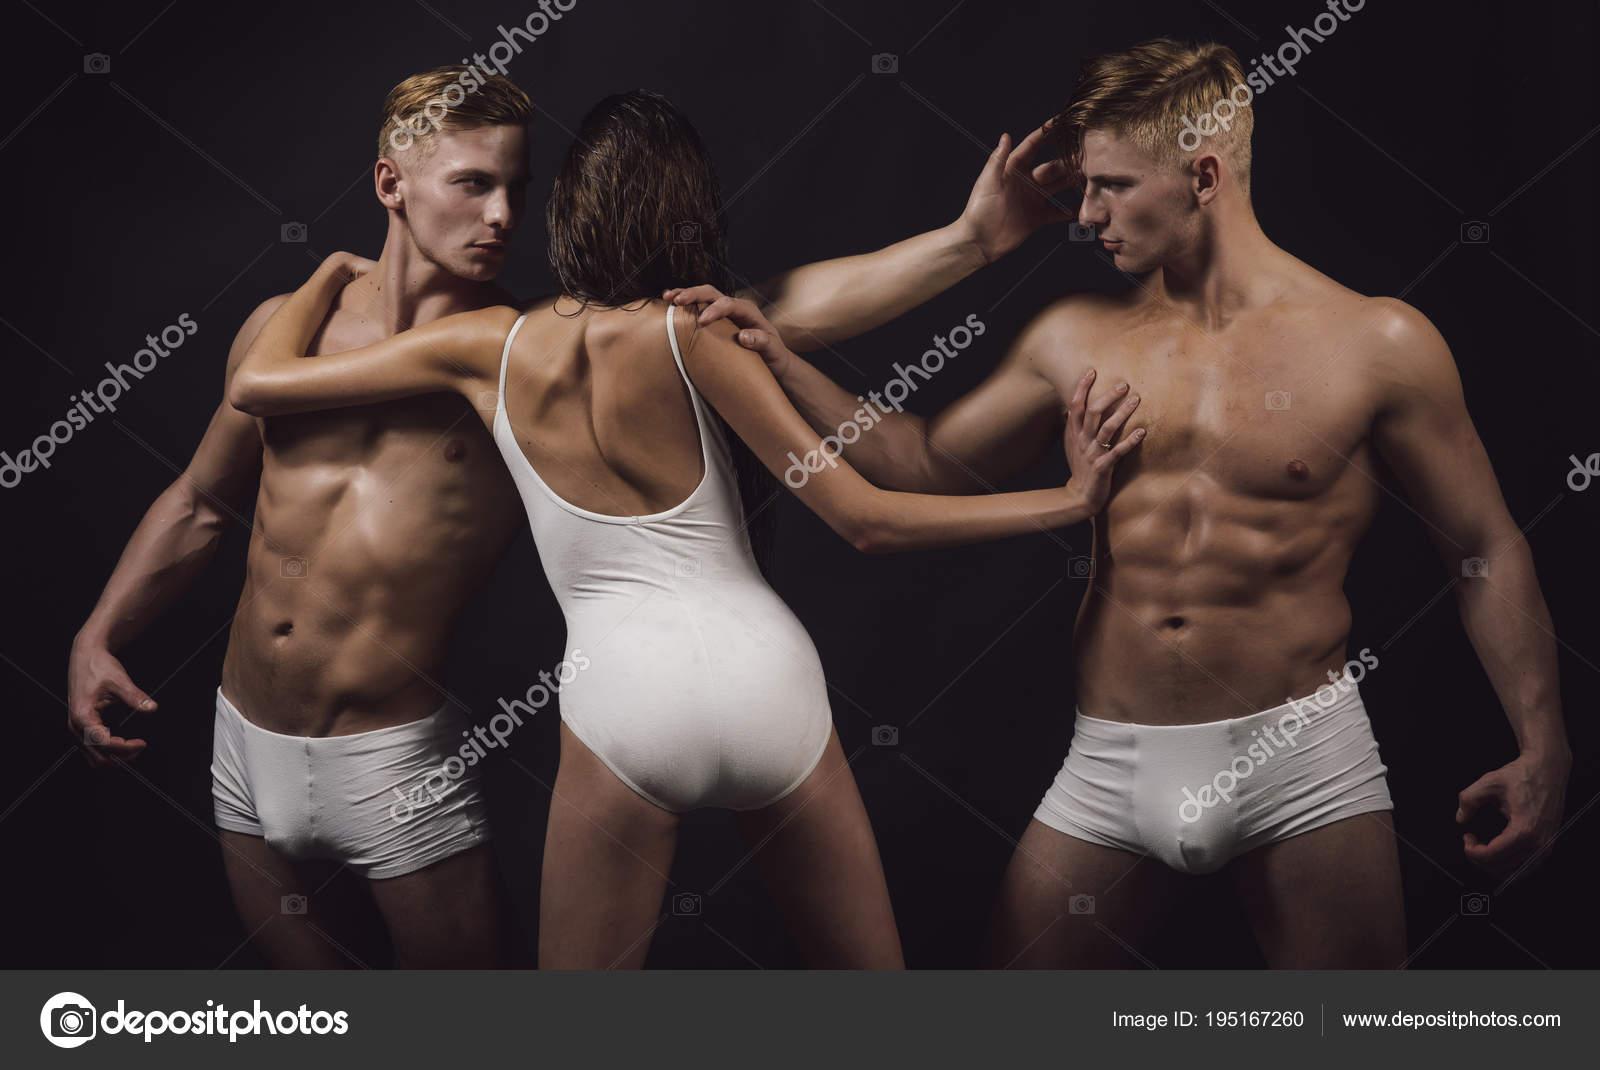 fekete és gyönyörű pornó